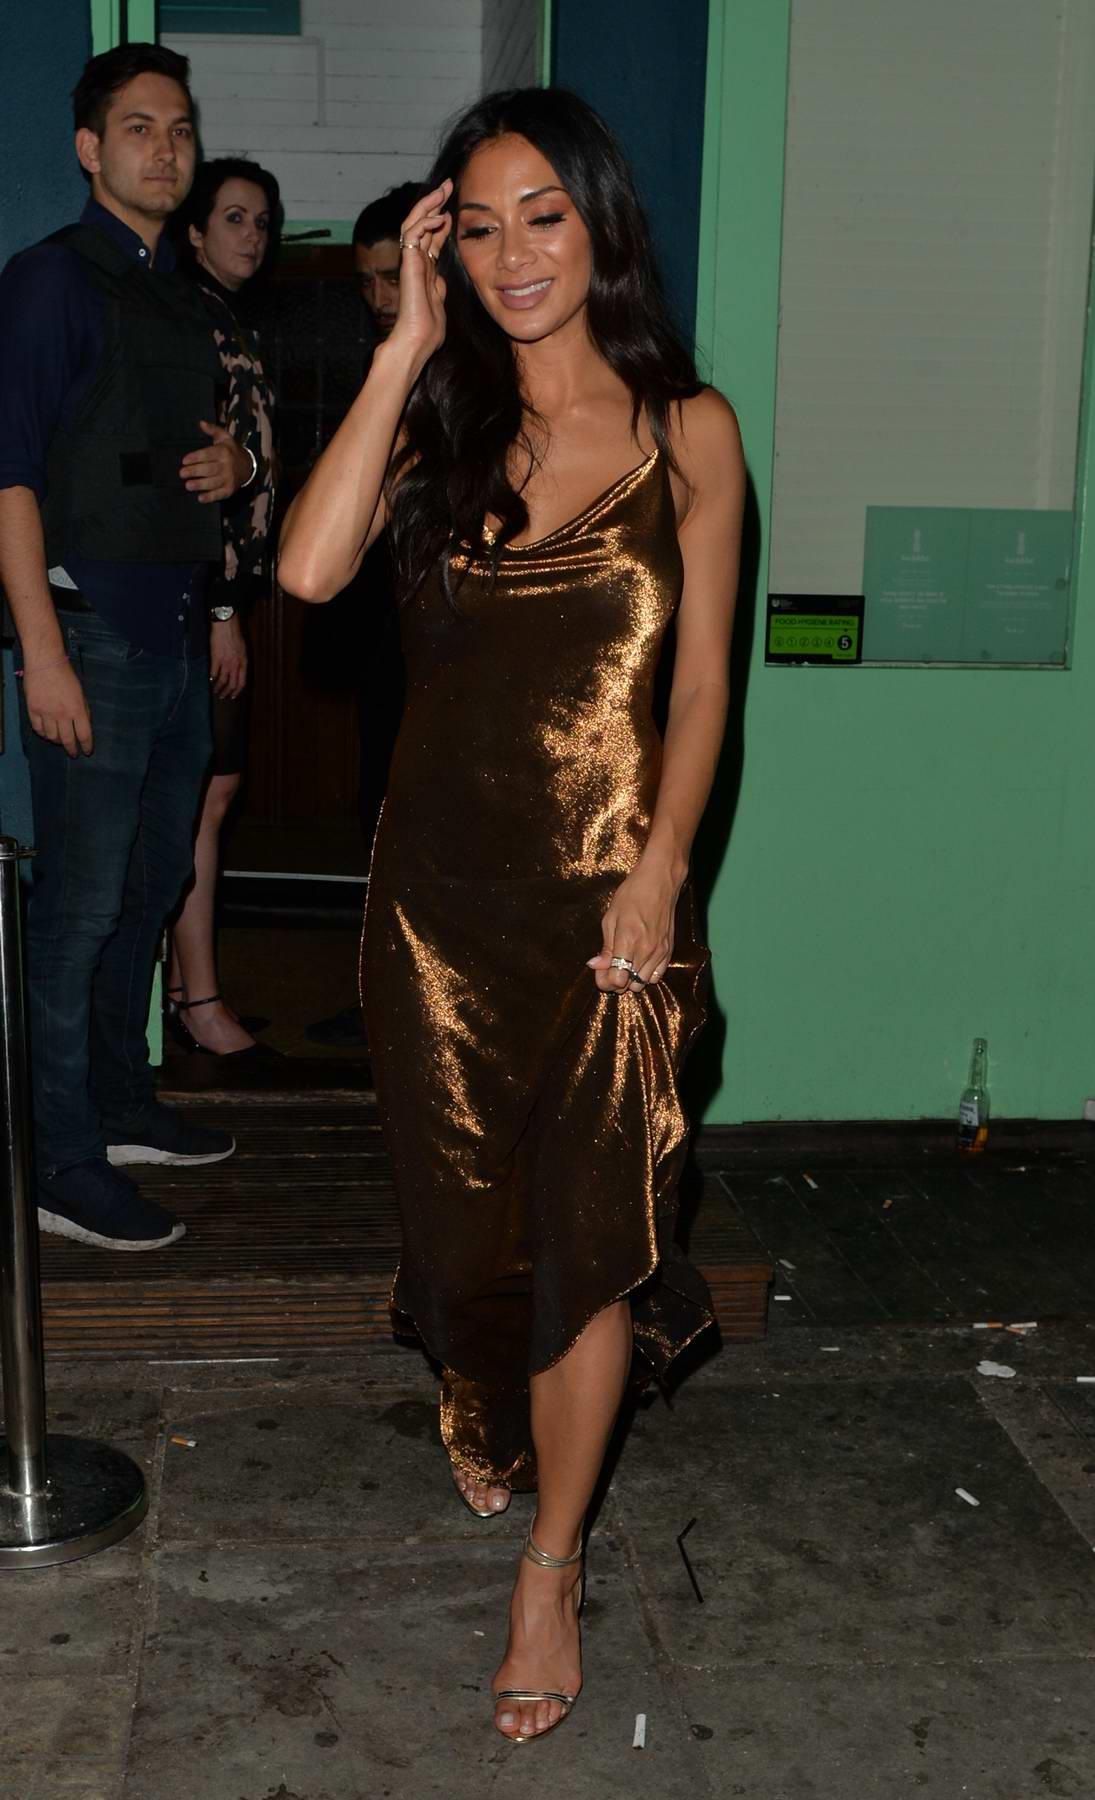 Nicole Scherzinger leaving the Rum Kitchen in London